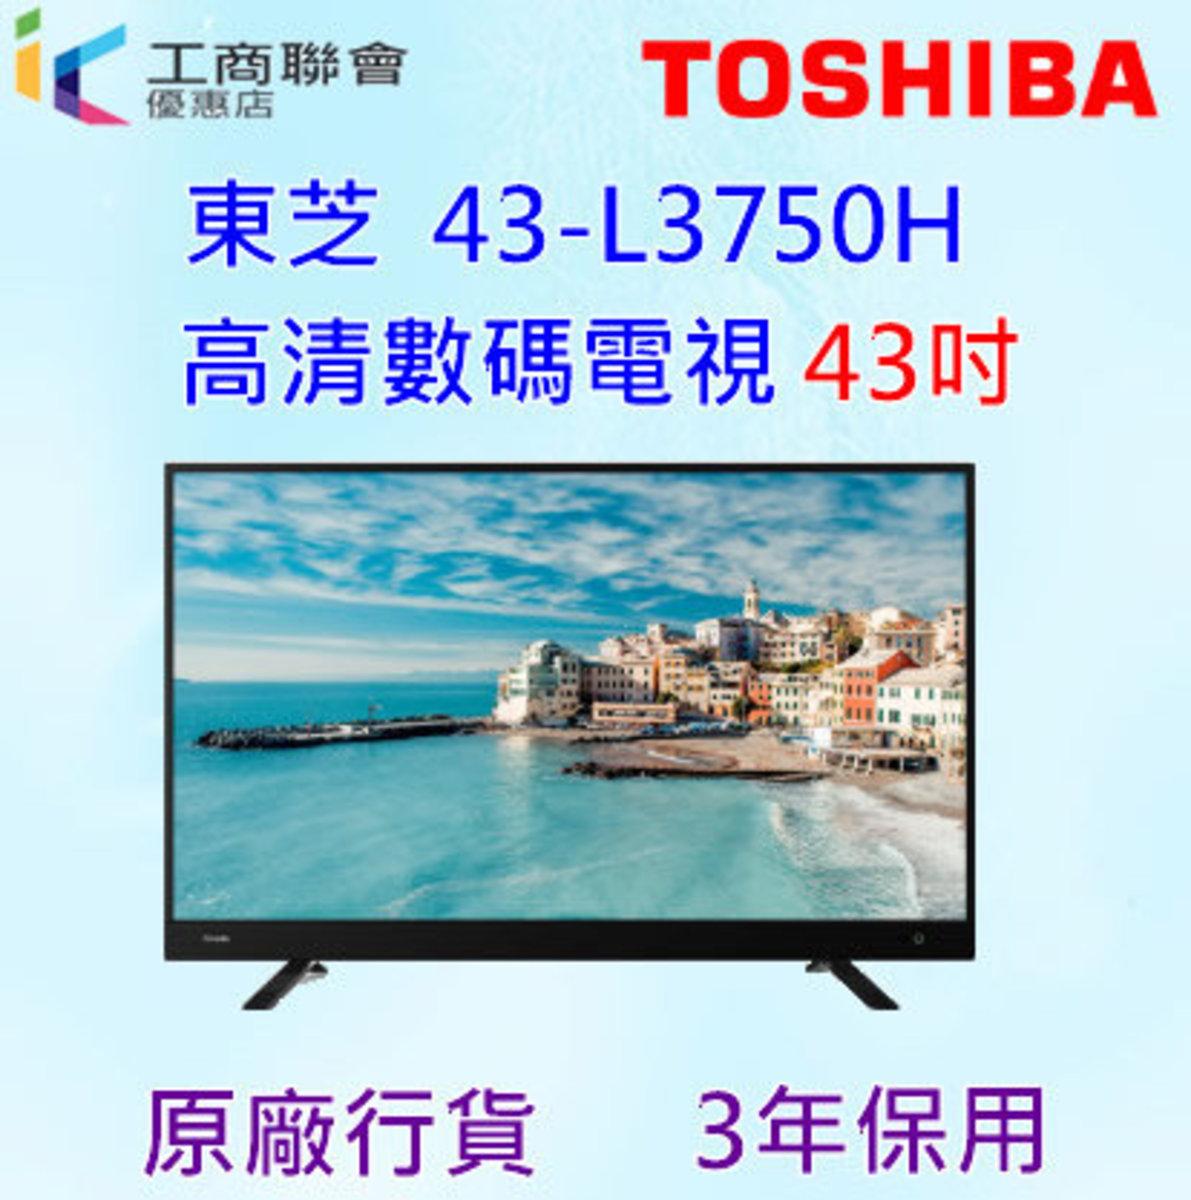 43L3750H HD Digital TV 43-inch (3-year warranty)